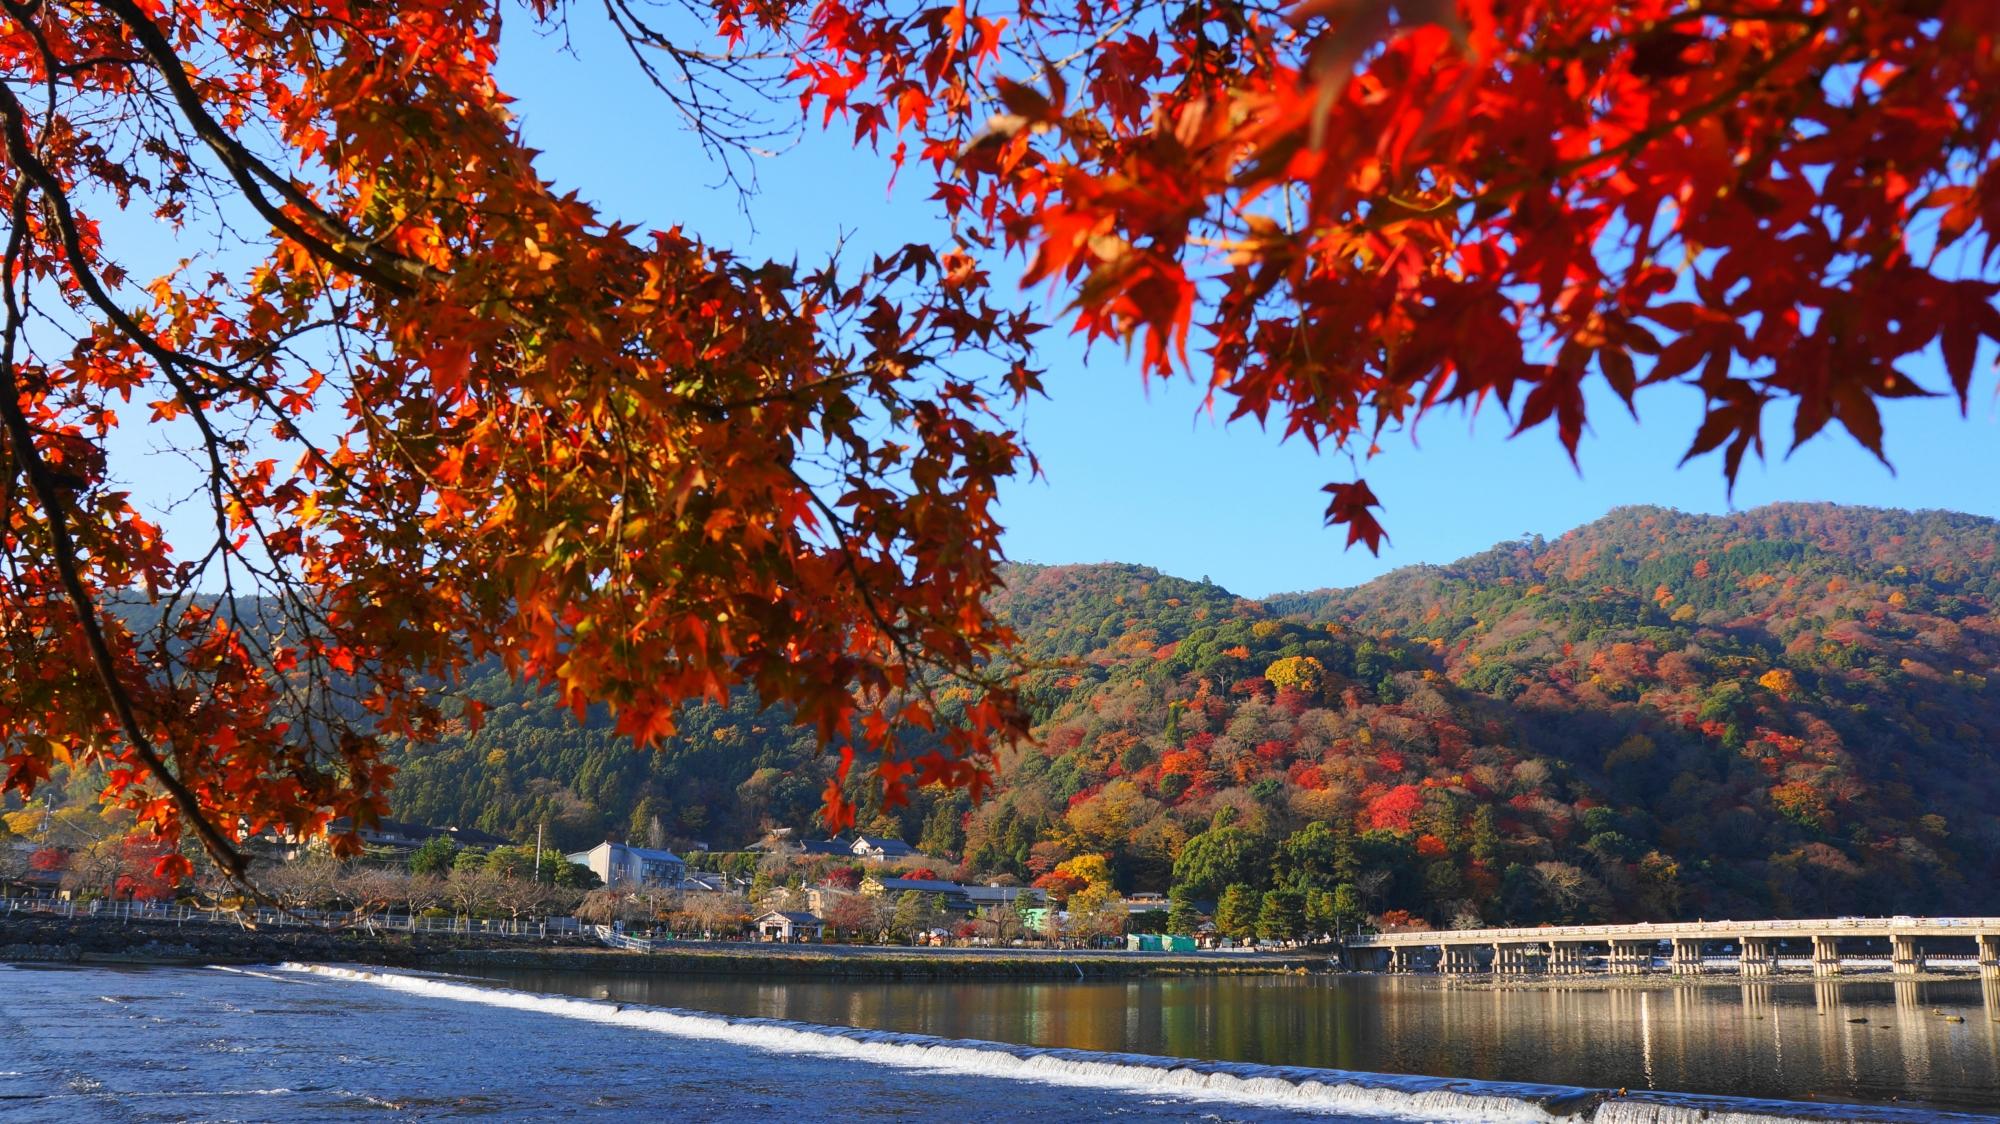 降り注ぐ赤い紅葉と嵐山の絵になる秋の光景